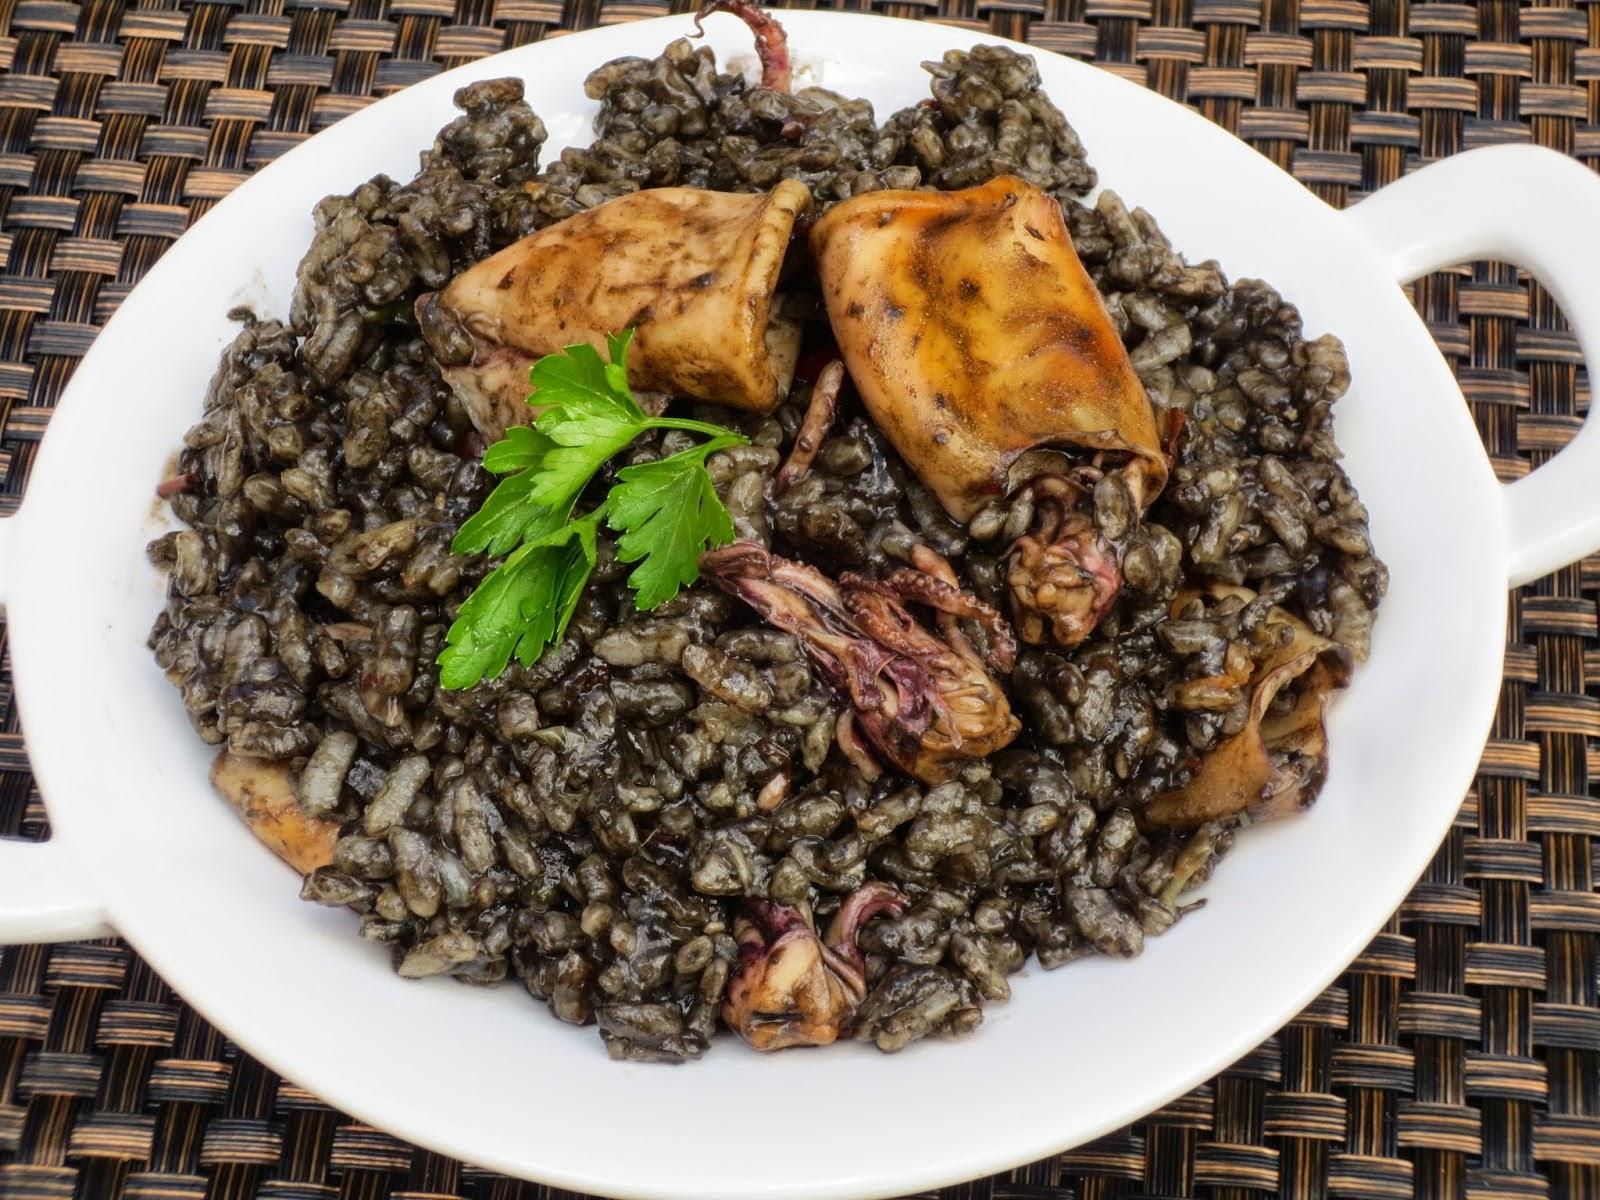 Arroz negro con chipirones Ana Sevilla cocina tradicional